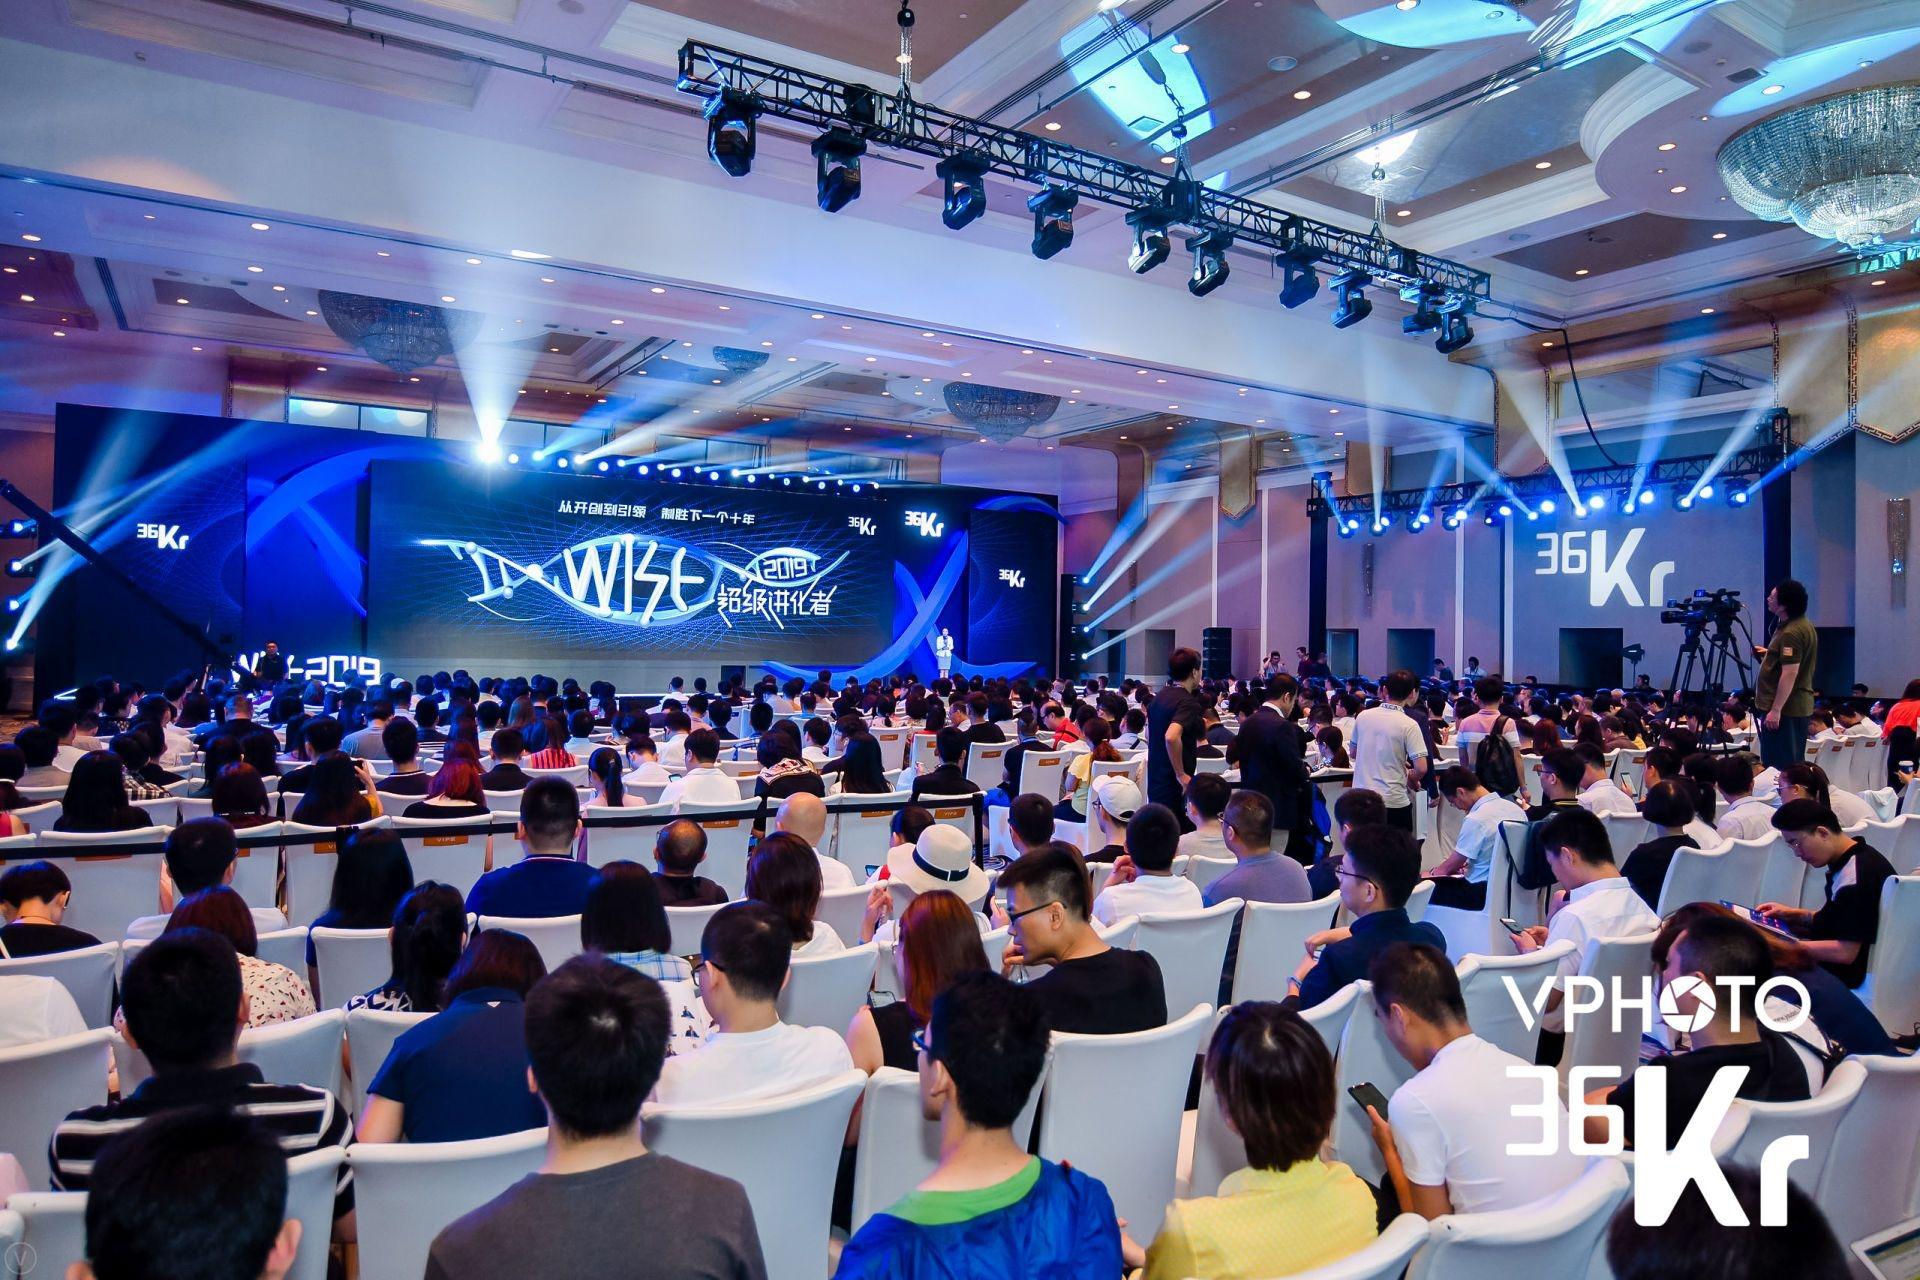 聚焦新商业变革者 36氪2019WISE超级进化者大会举行